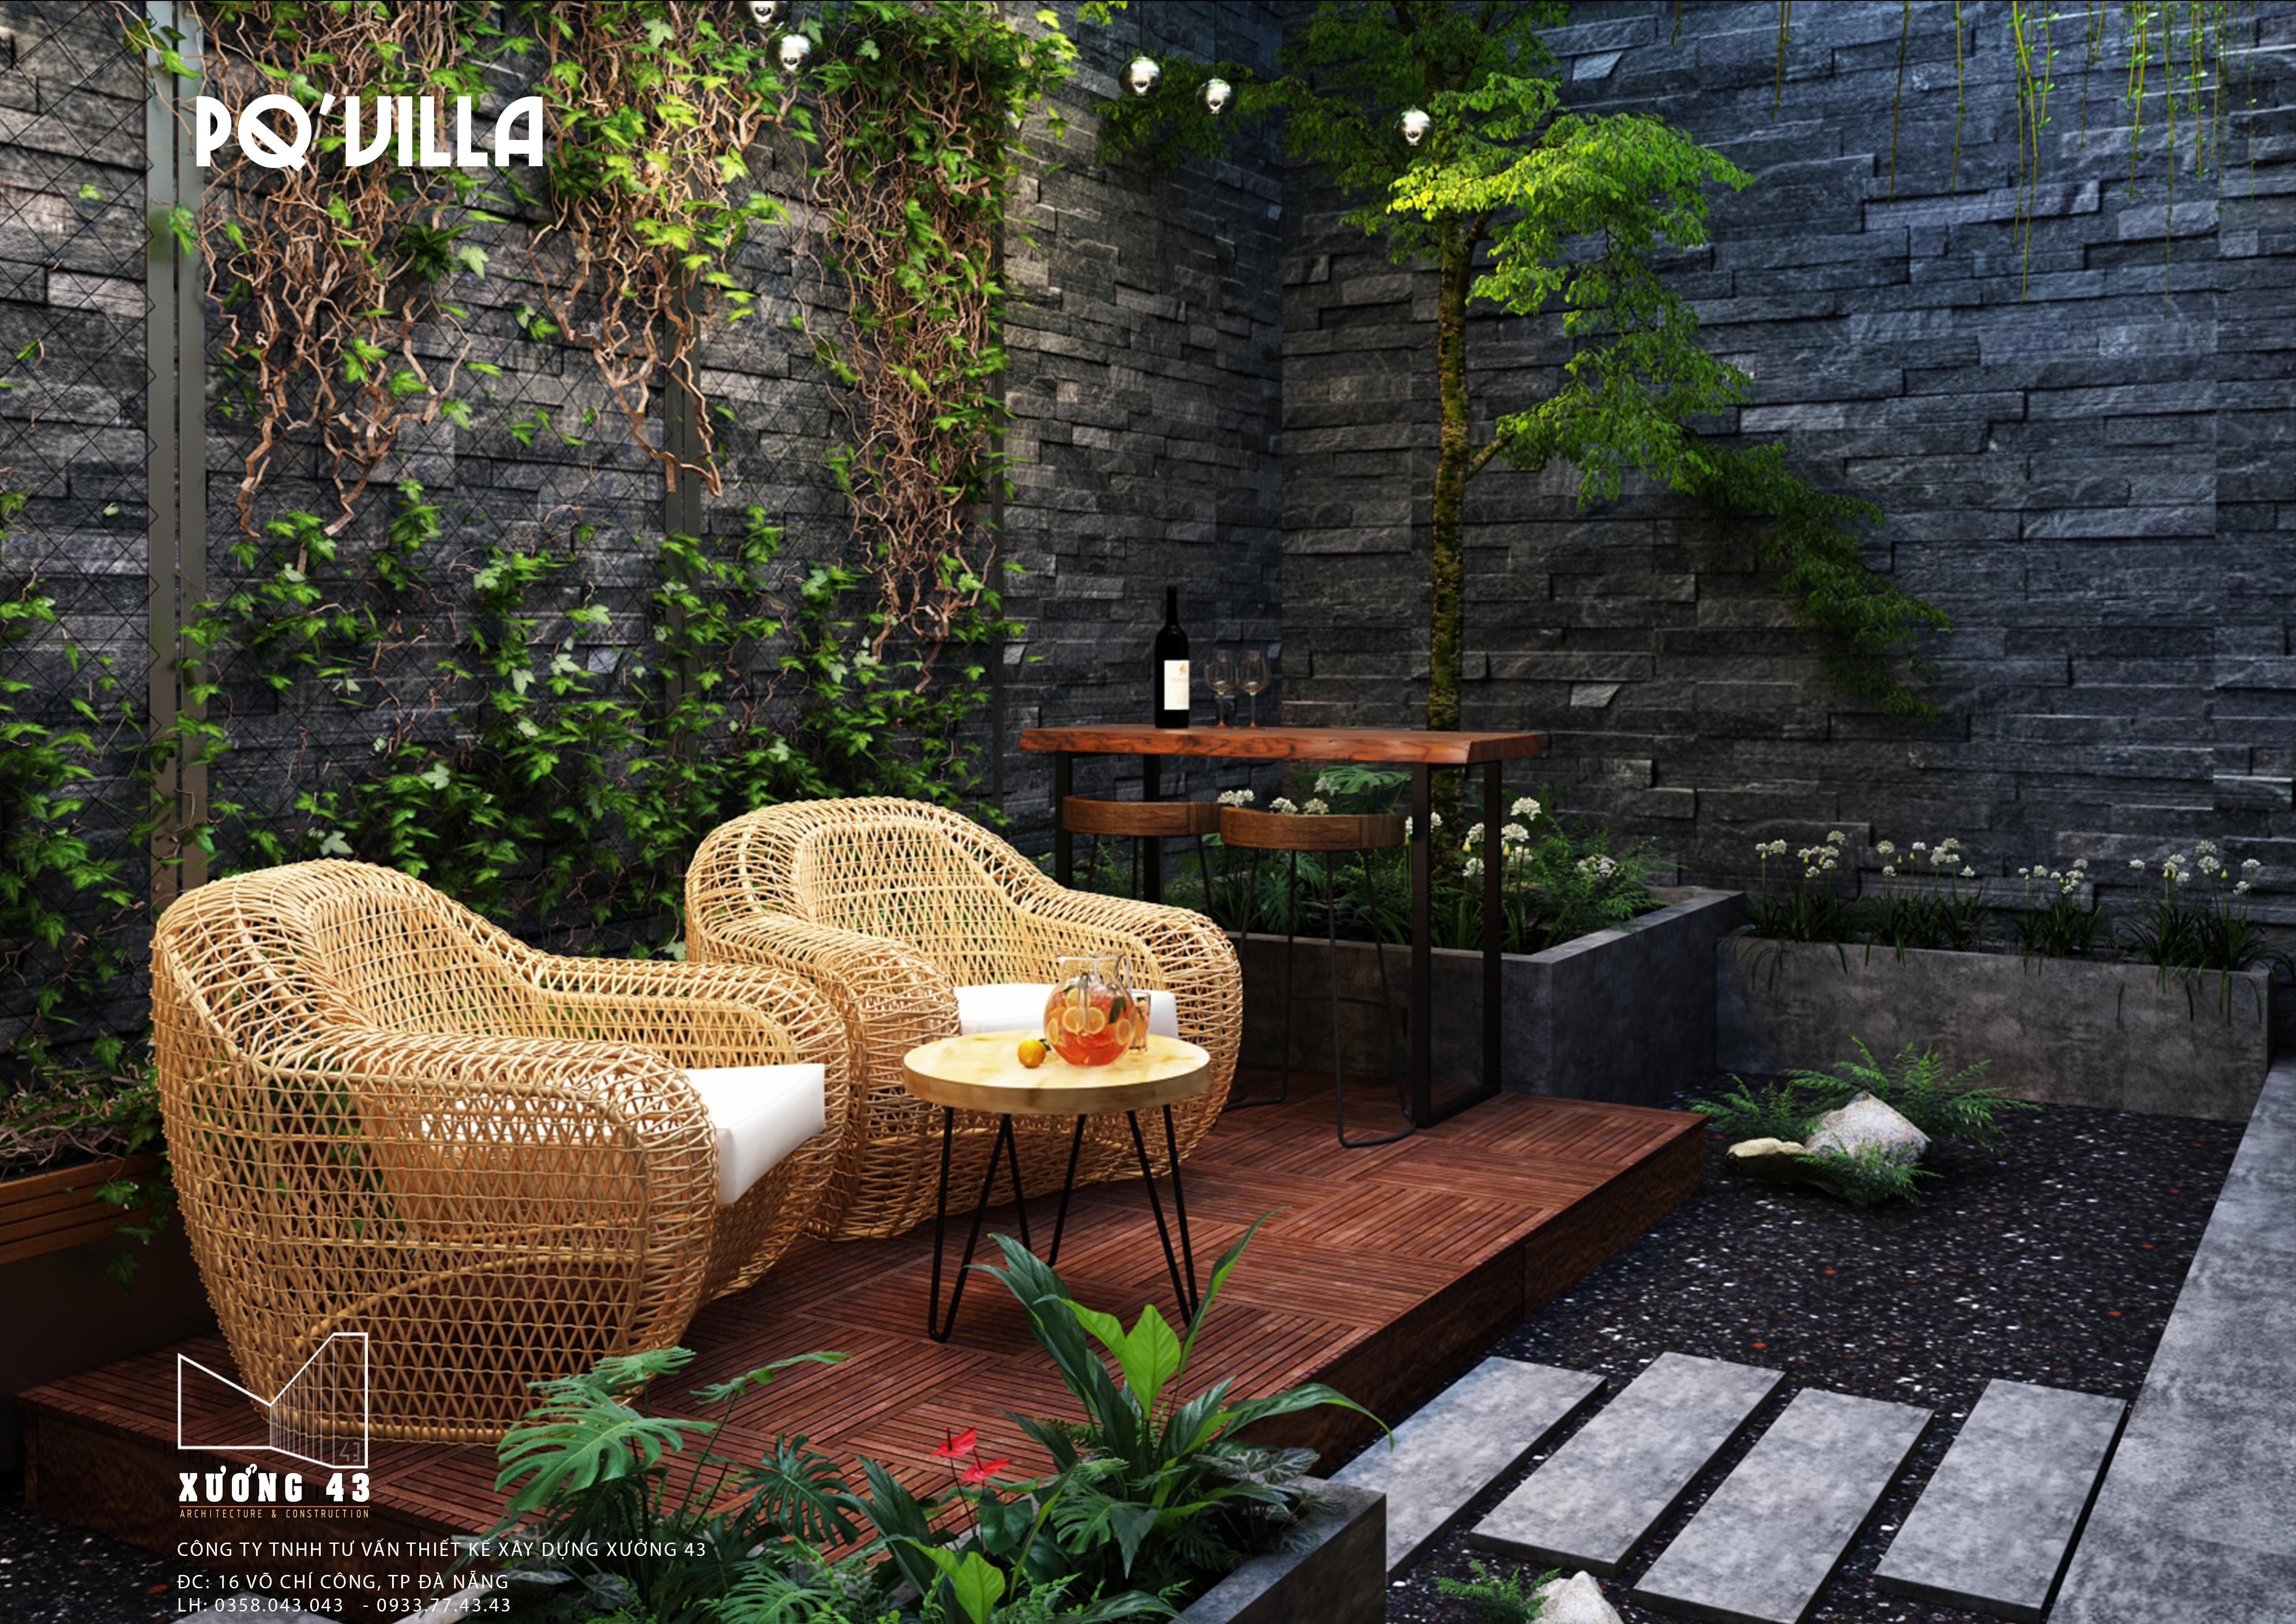 thiết kế Nhà tại Đà Nẵng PQ Villa 13 1571286160